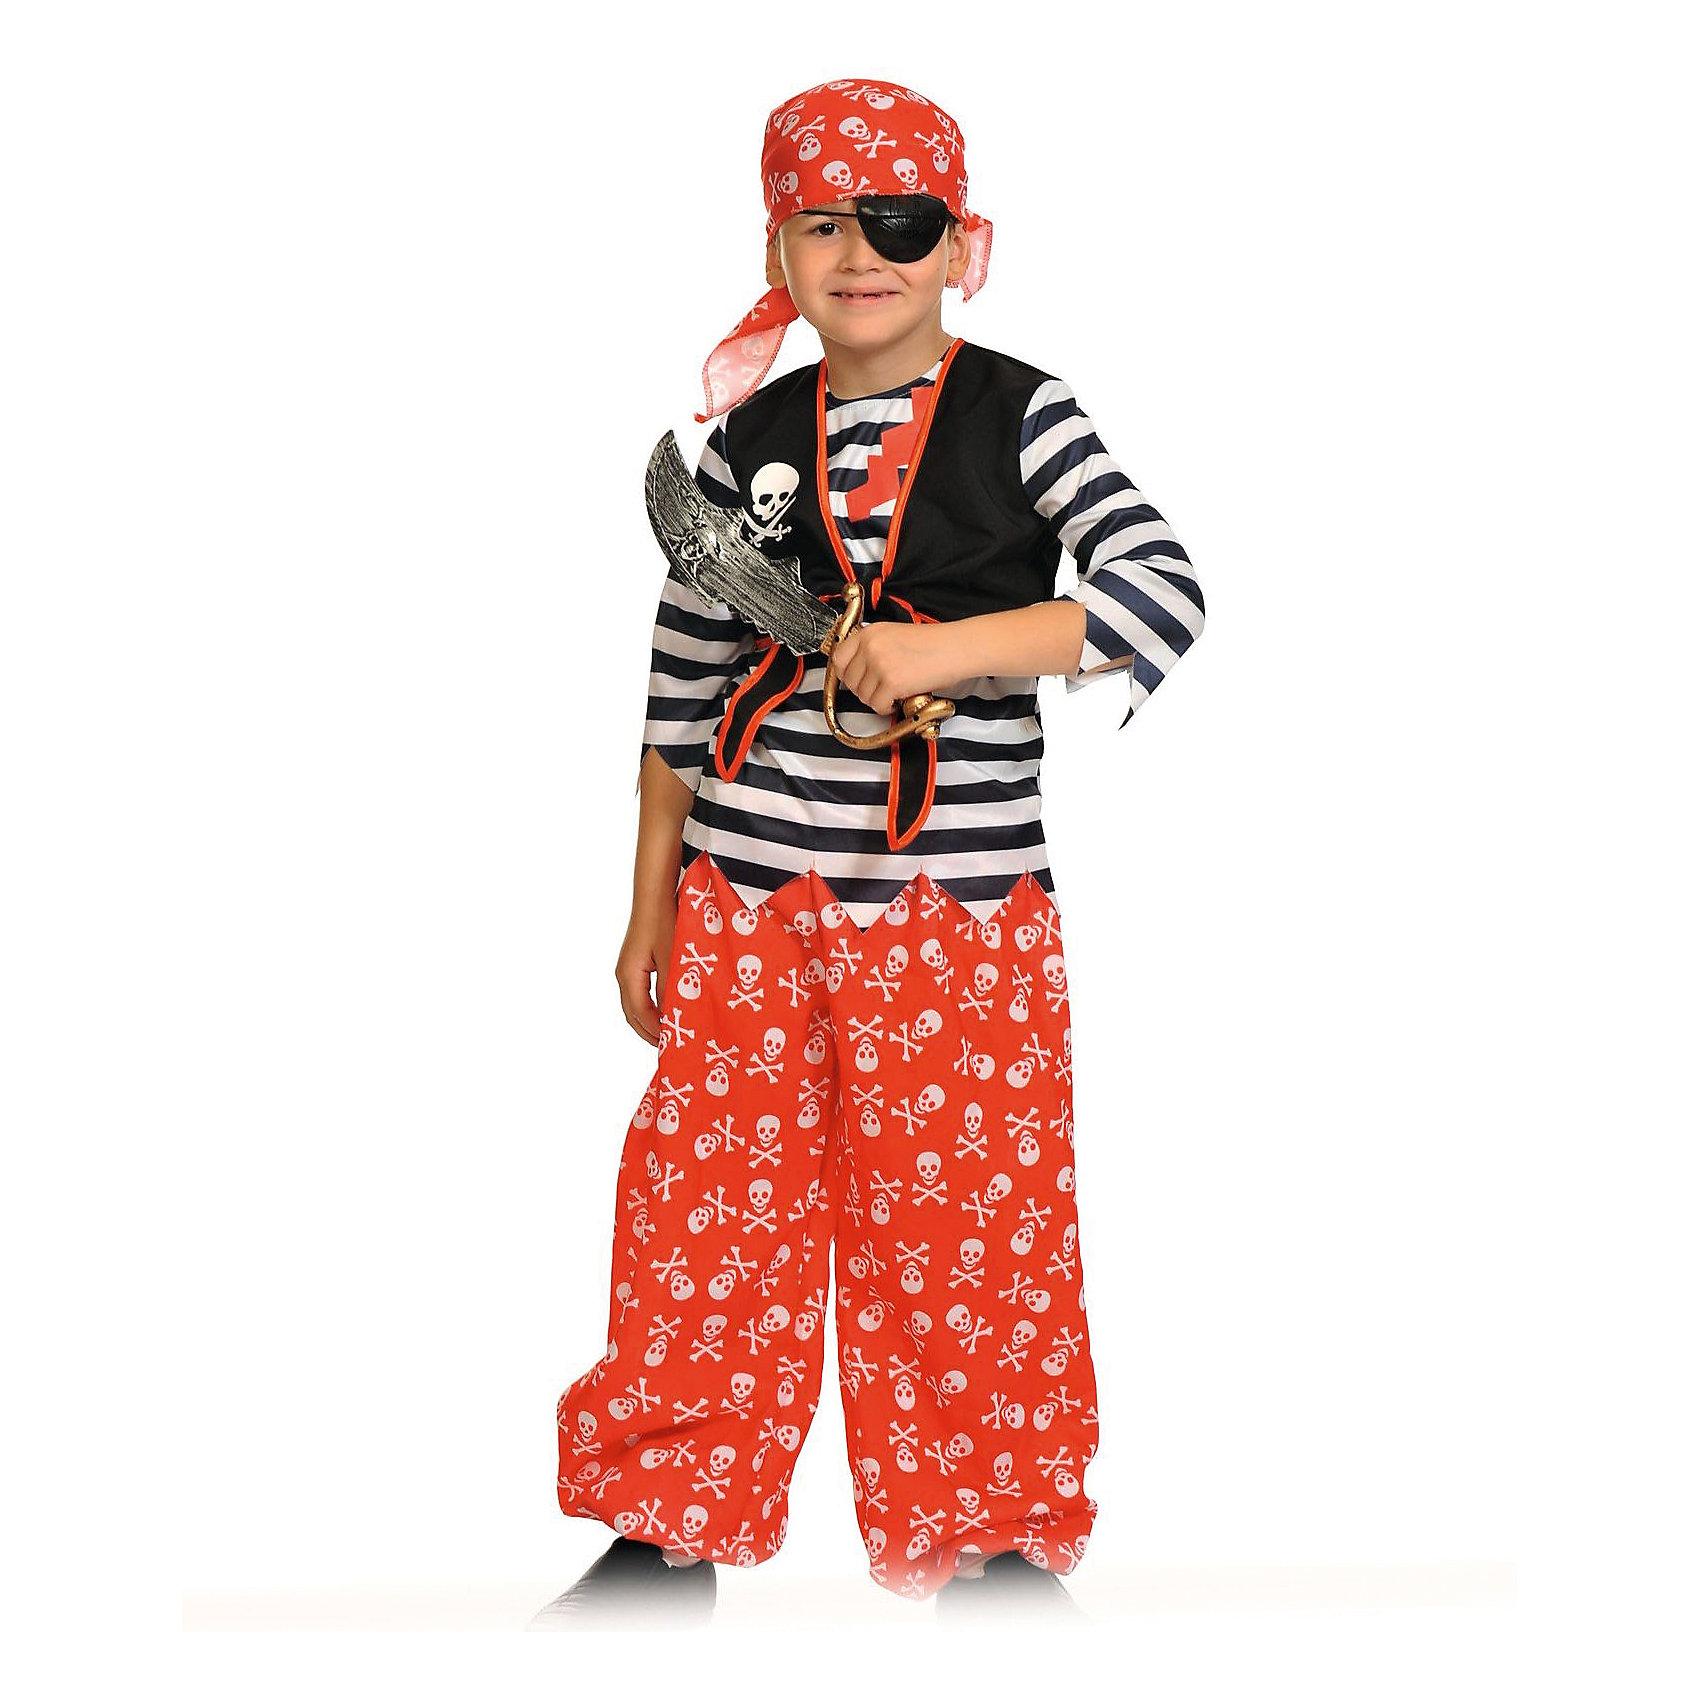 Костюм Пират Роджер, рост 128-134, КарнавалоффКарнавальные костюмы и аксессуары<br>Характеристики товара:<br><br>• комплектация: тельняшка с жилетом, шаровары, бандана, повязка на глаз, сабля<br>• материал: текстиль, пластик<br>• для праздников и постановок<br>• упаковка: пакет<br>• рост: 128-134 см<br>• возраст: от 6 лет<br>• страна бренда: Российская Федерация<br>• страна изготовитель: Российская Федерация<br><br>Новогодние праздники - отличная возможность перевоплотиться в кого угодно, надев маскарадный костюм. Этот набор позволит ребенку мгновенно превратиться в пирата!<br>Он состоит из нескольких предметов, которые подойдут младшим школьникам - костюм рассчитан на рост от 128 см до 134 см. Изделия удобно сидят и позволяют ребенку наслаждаться праздником или принимать участие в постановке. Модель хорошо проработана, сшита из качественных и проверенных материалов, которые безопасны для детей.<br><br>Костюм Пират Роджер, рост 128-134, от бренда Карнавалофф можно купить в нашем интернет-магазине.<br><br>Ширина мм: 370<br>Глубина мм: 30<br>Высота мм: 420<br>Вес г: 380<br>Возраст от месяцев: 60<br>Возраст до месяцев: 120<br>Пол: Мужской<br>Возраст: Детский<br>SKU: 5177217